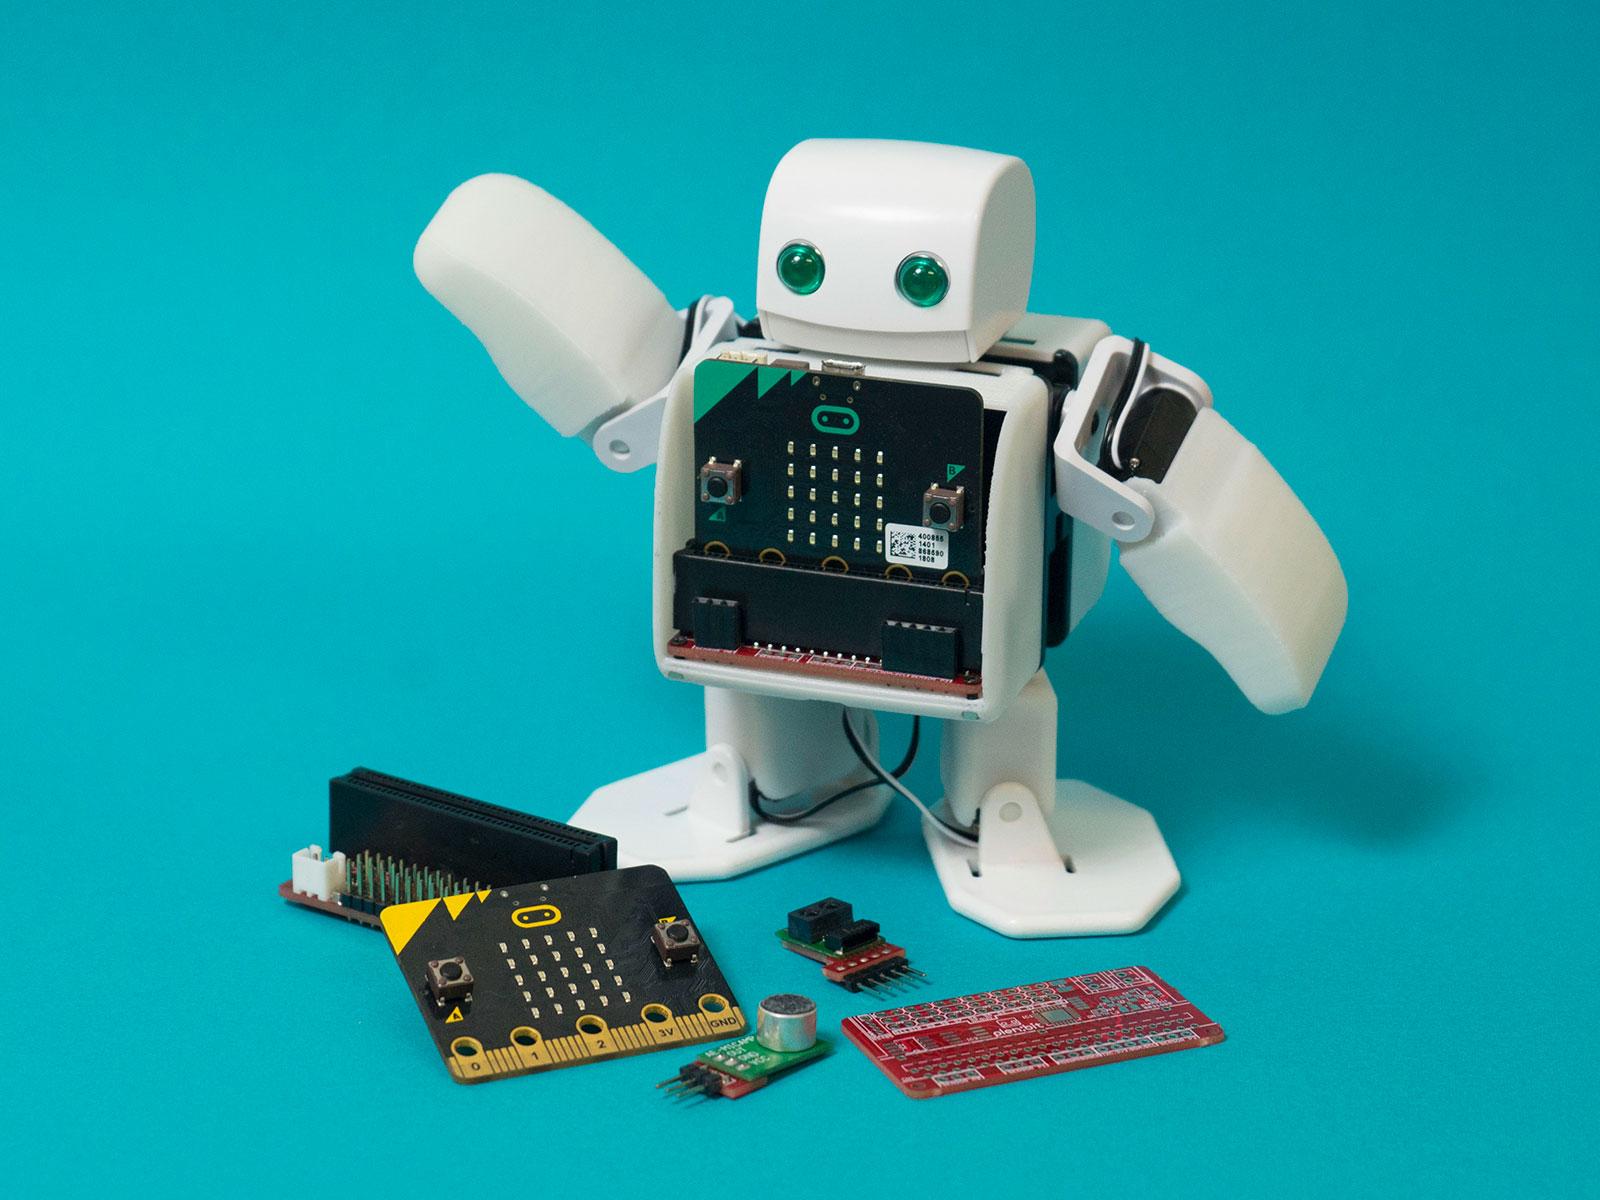 開発者とロボットを組み立て&プログラミング!未来ものづくり教室 @ CREATIVE BOX